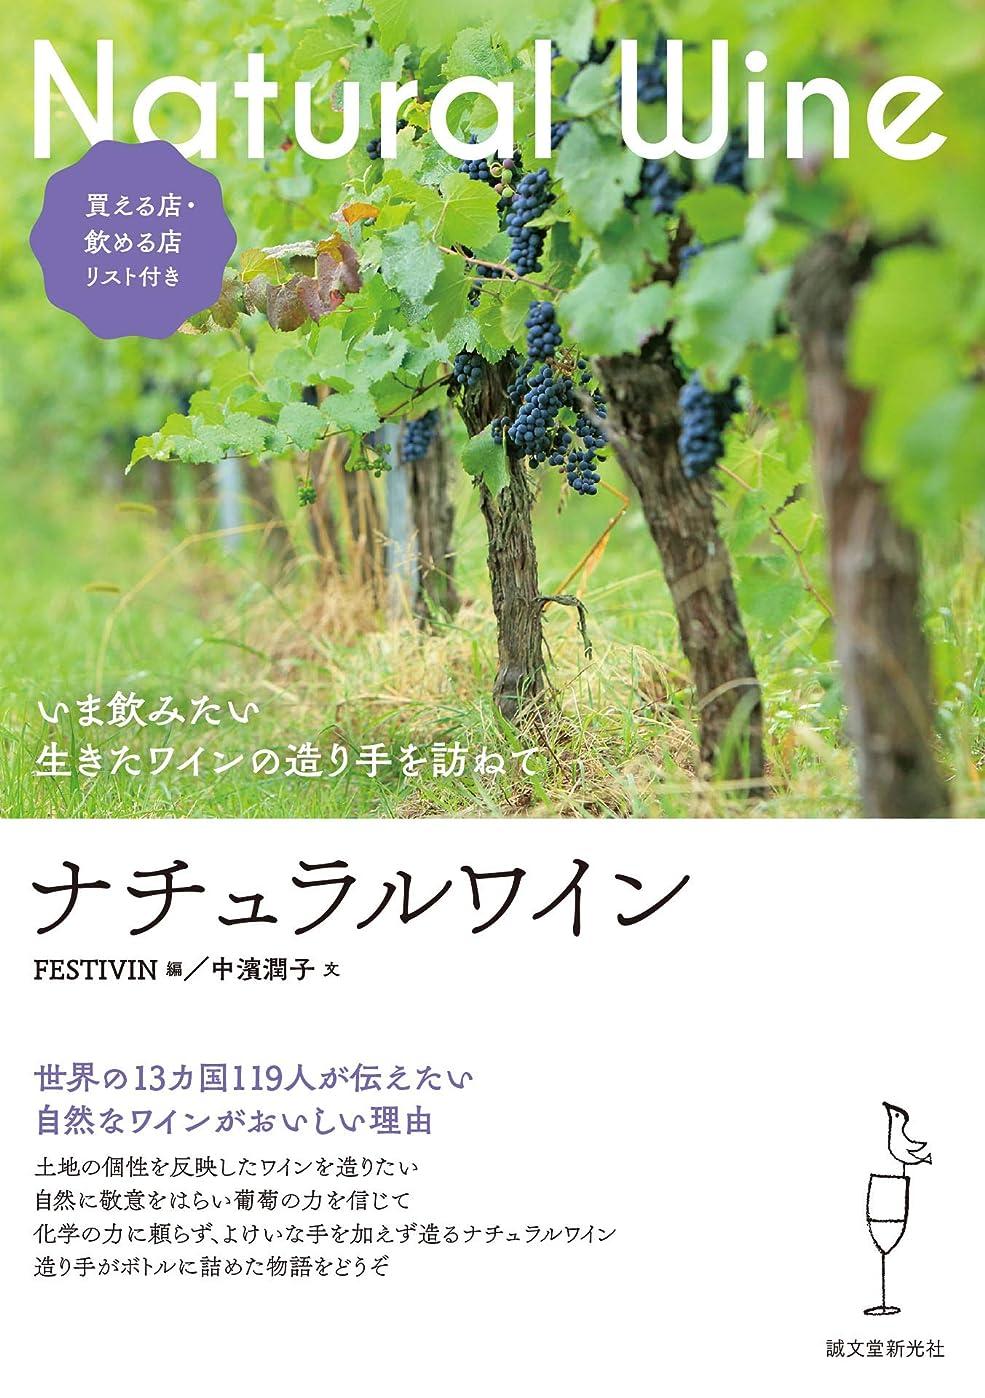 マーキング通知ウォルターカニンガムナチュラルワイン:いま飲みたい 生きたワインの造り手を訪ねて